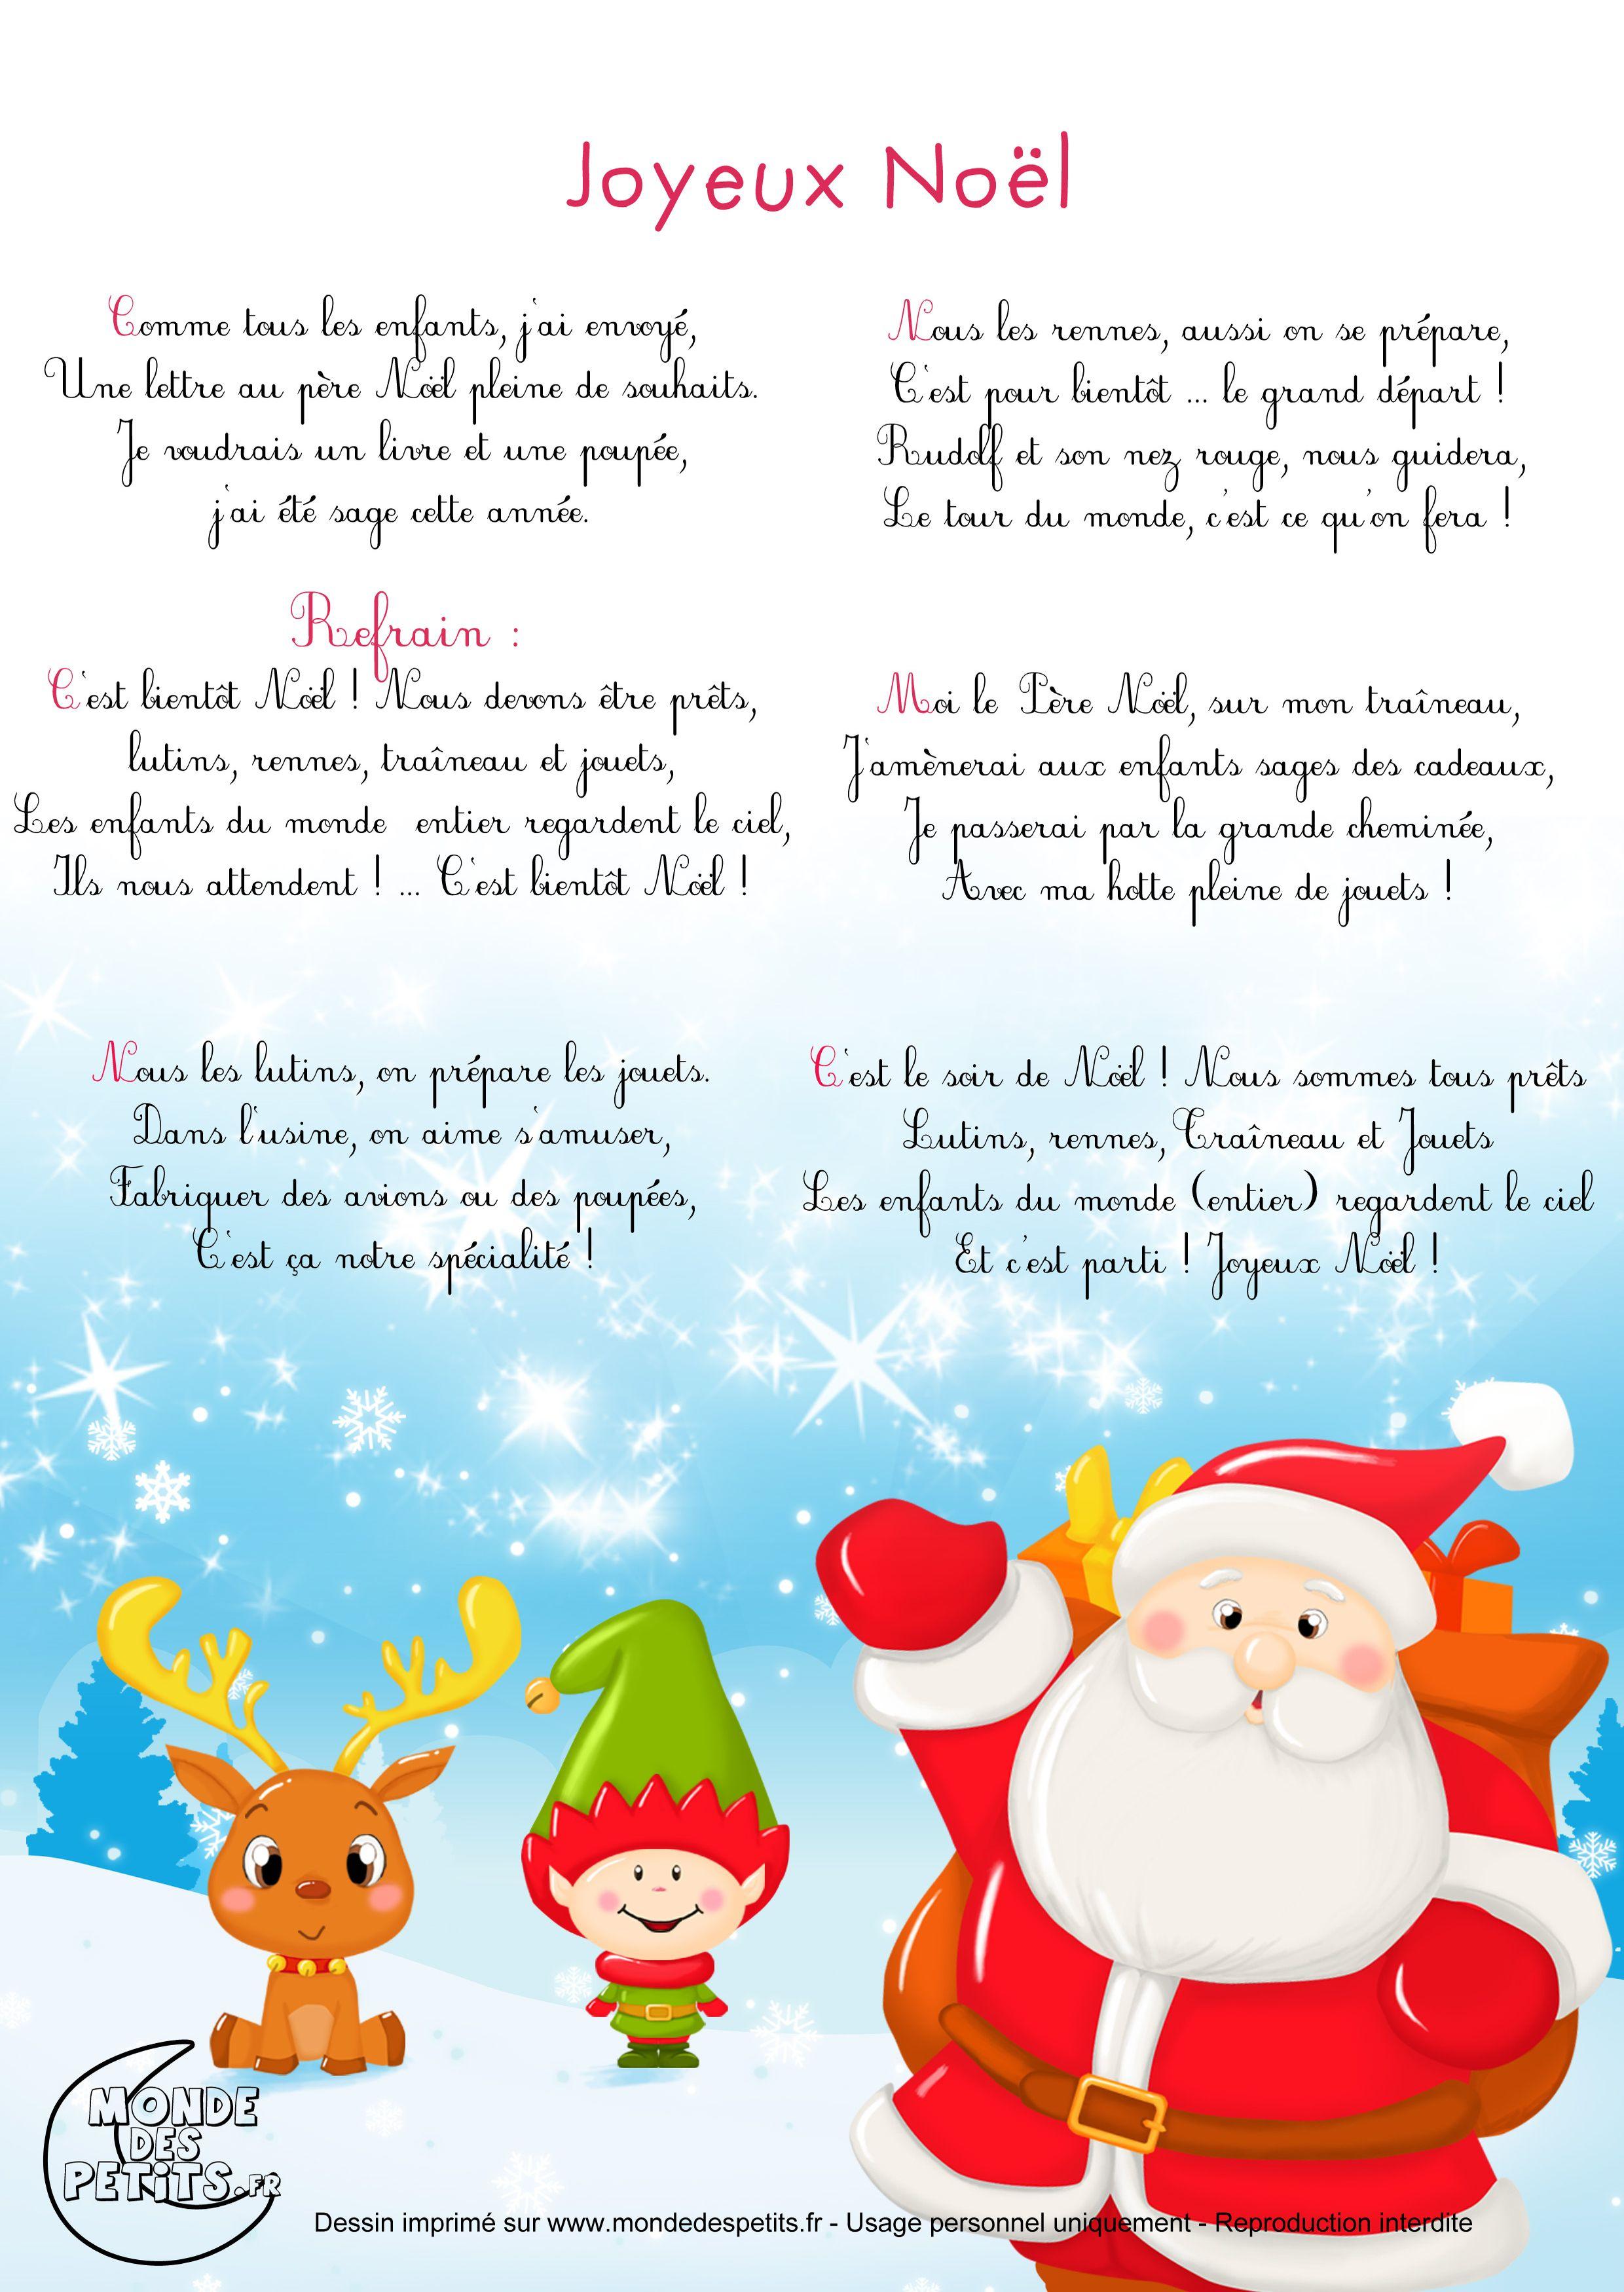 Joyeux Noel : Paroles Du Célèbre Chant De Noël Avec Tête À dedans Chanson De Noel En Chinois